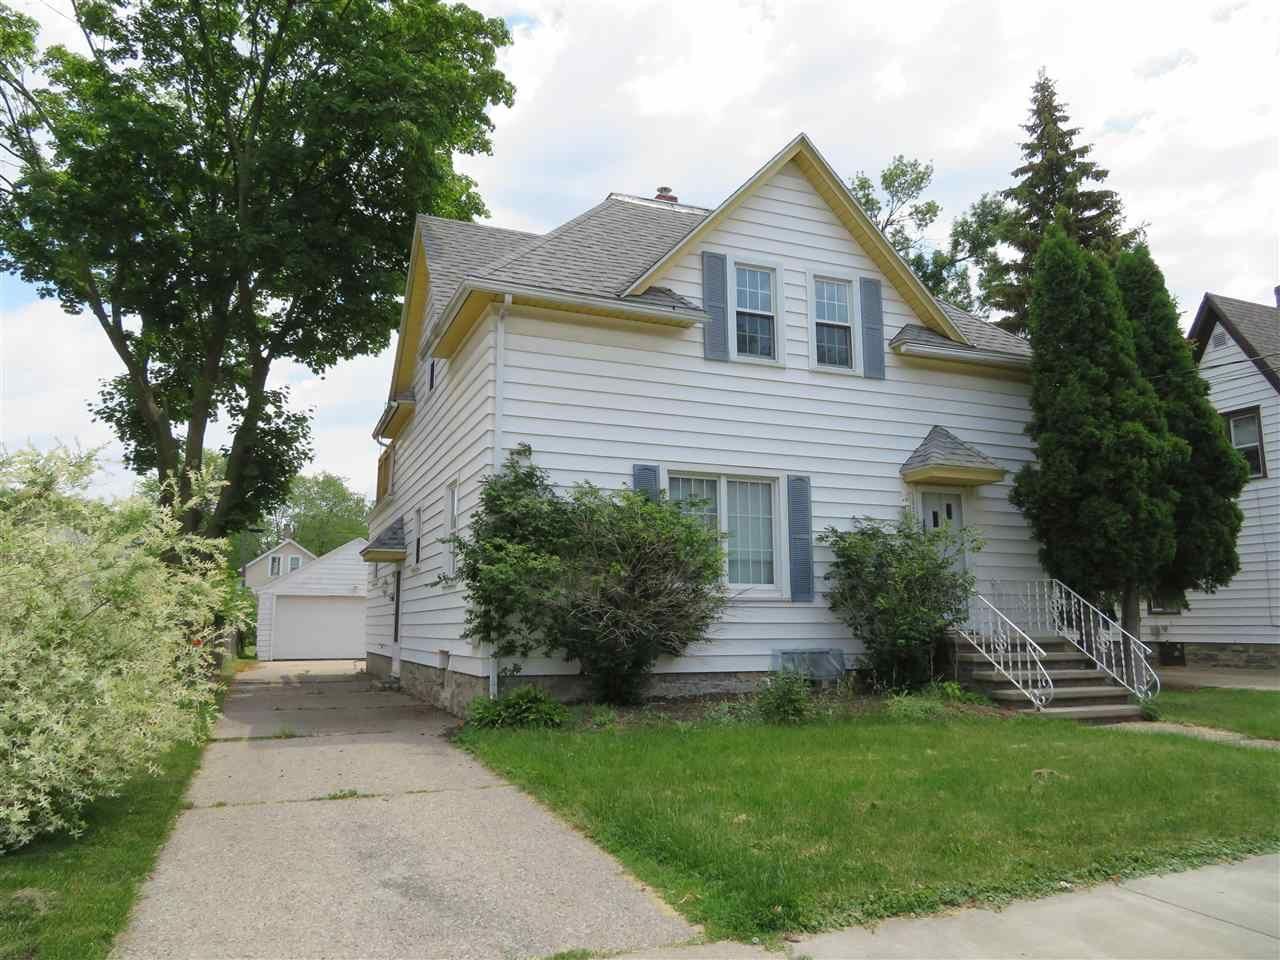 1324 N DIVISION Street, Appleton, WI 54911 - MLS#: 50242035